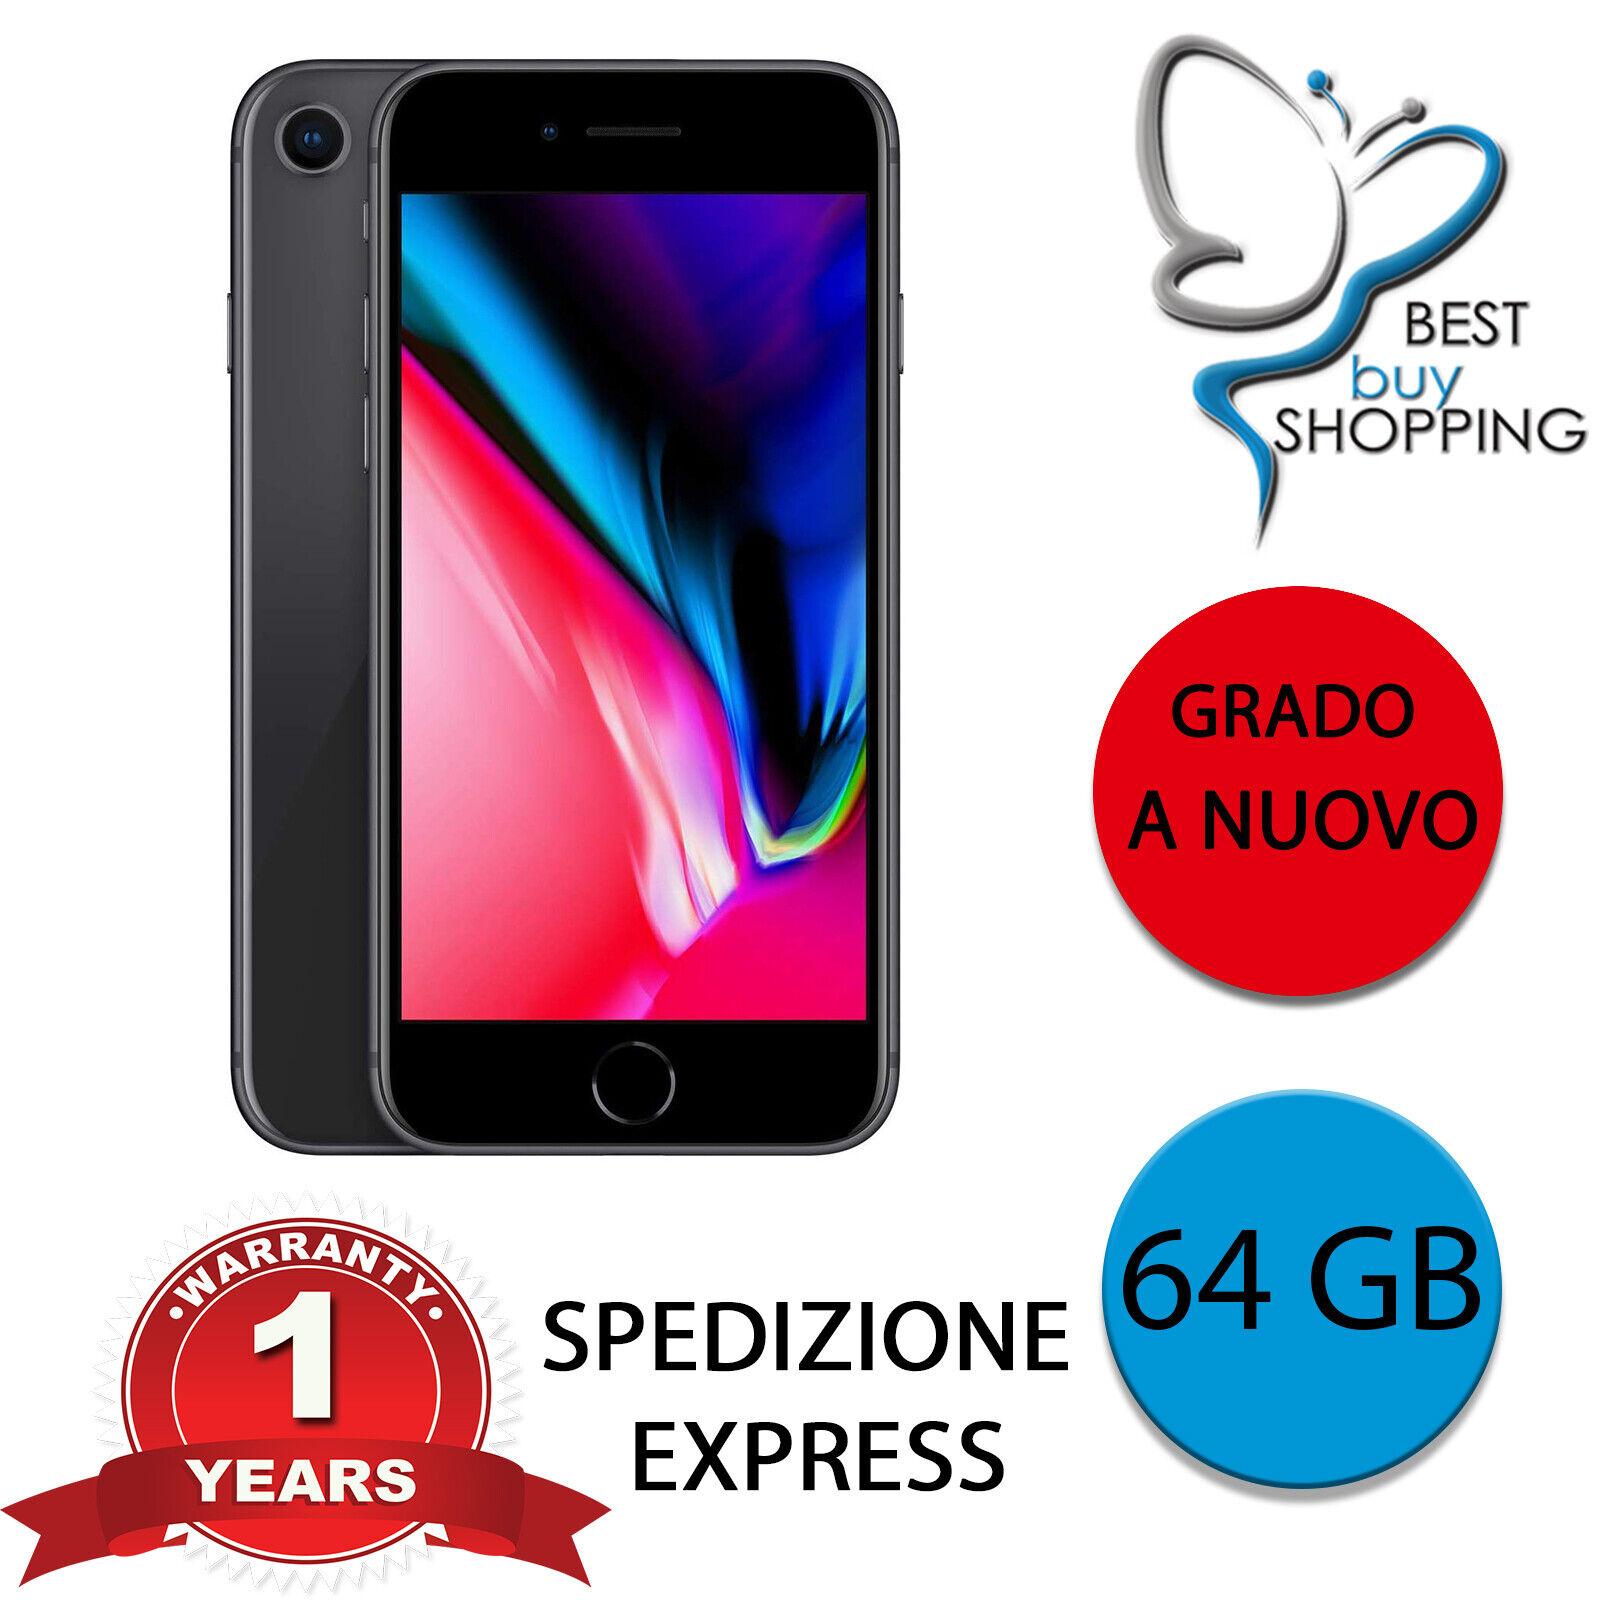 iPhone: IPHONE 8 RIGENERATO A NUOVO 64 GB NERO ORIGINALE APPLE + GARANZIA RICONDIZIONATO